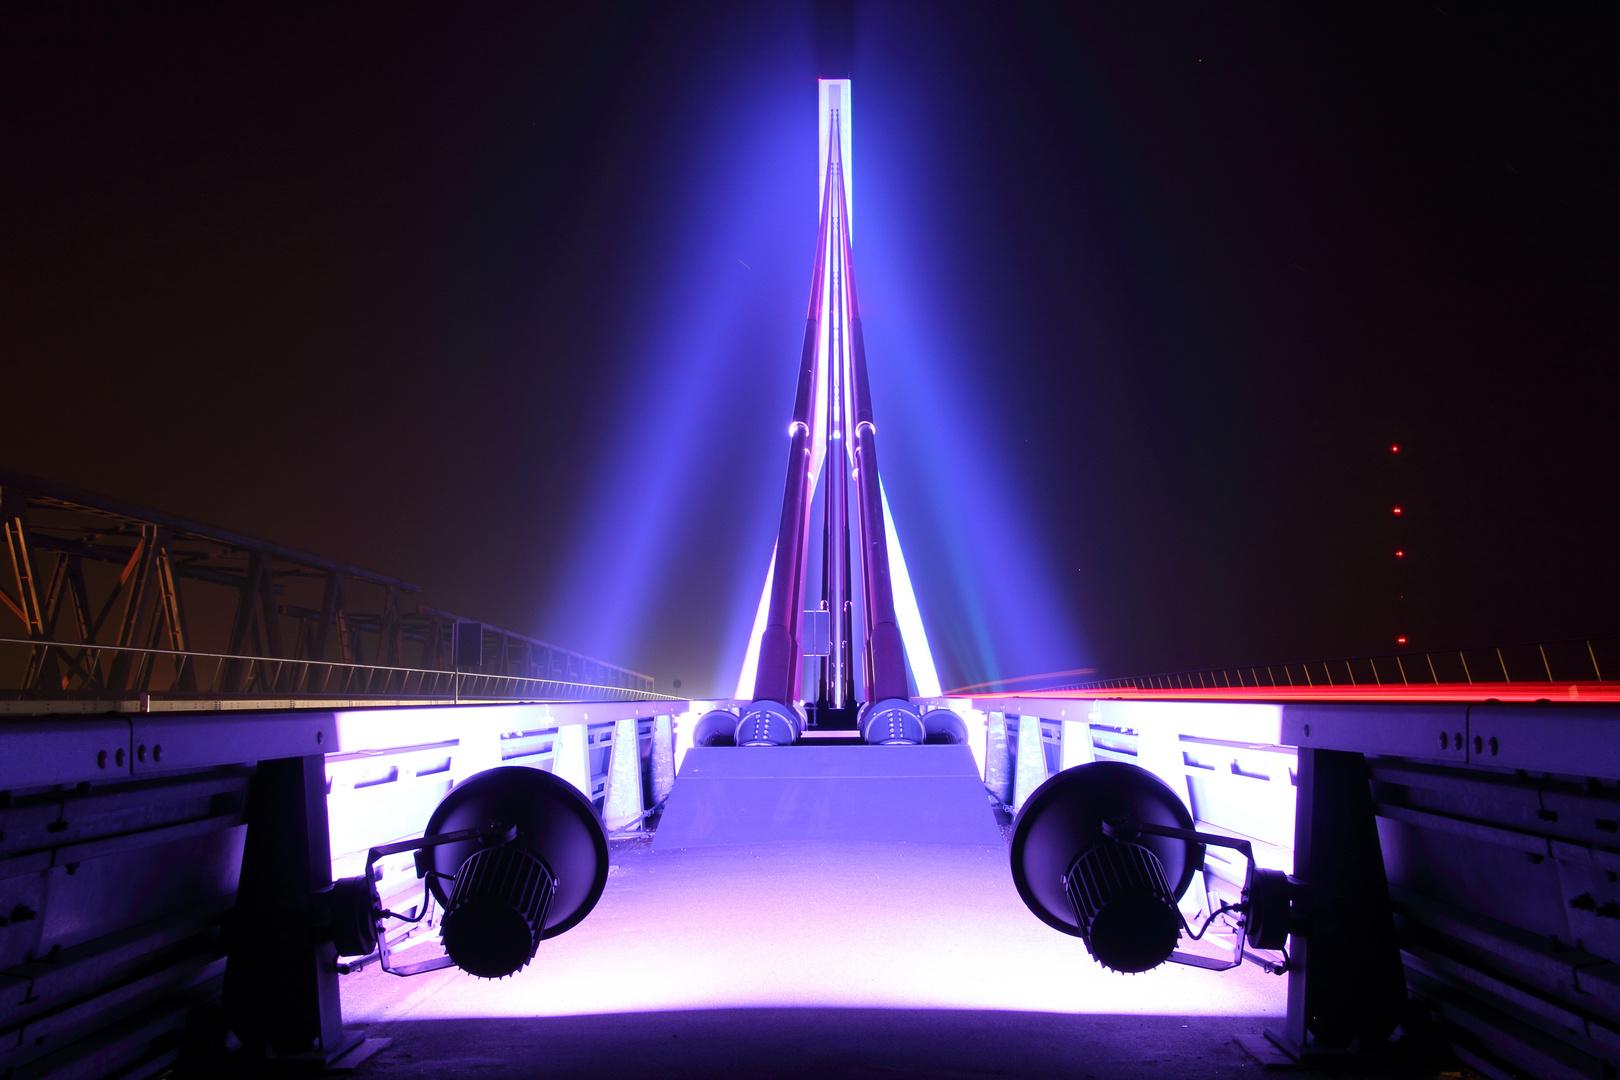 Die Rheinbrücke in Wesel 2